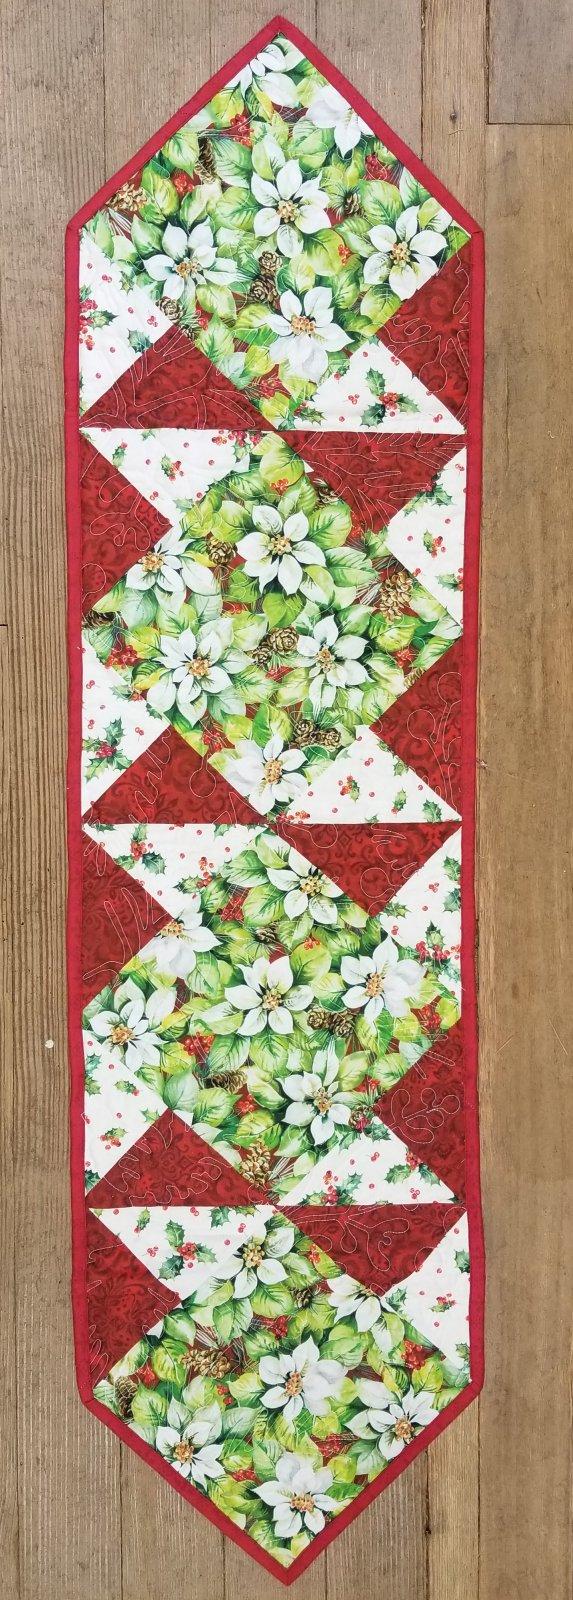 Christmas Poinsettia Sew Square Table Runner Kit